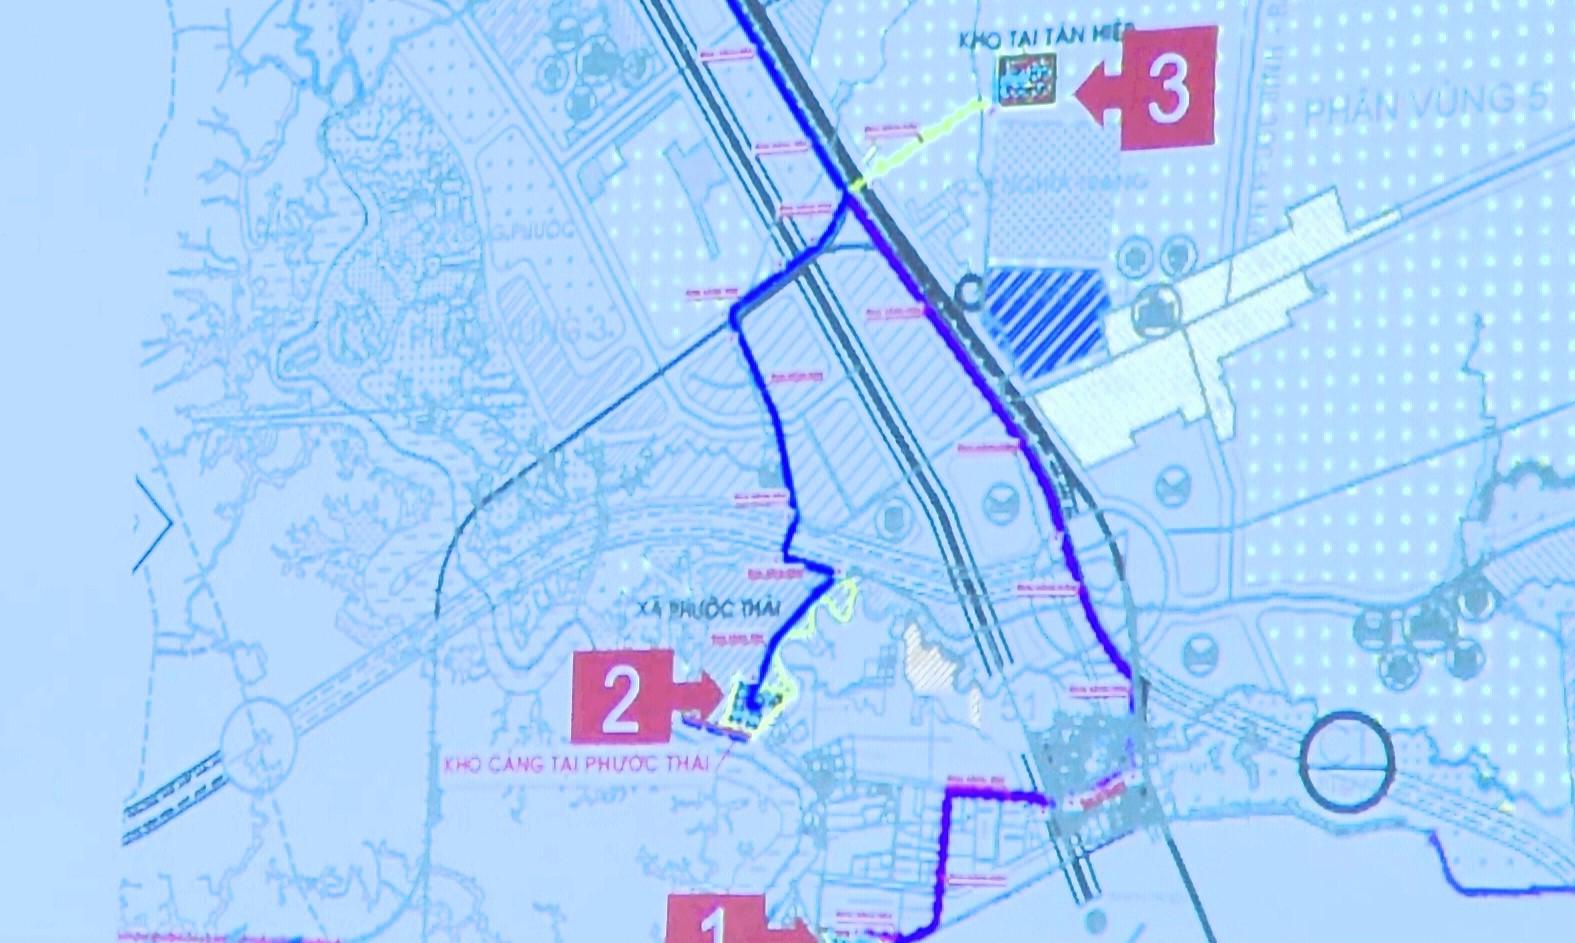 Đề xuất xây kho nhiên liệu cho sân bay Long Thành ở cảng Phước Thái - Ảnh 1.